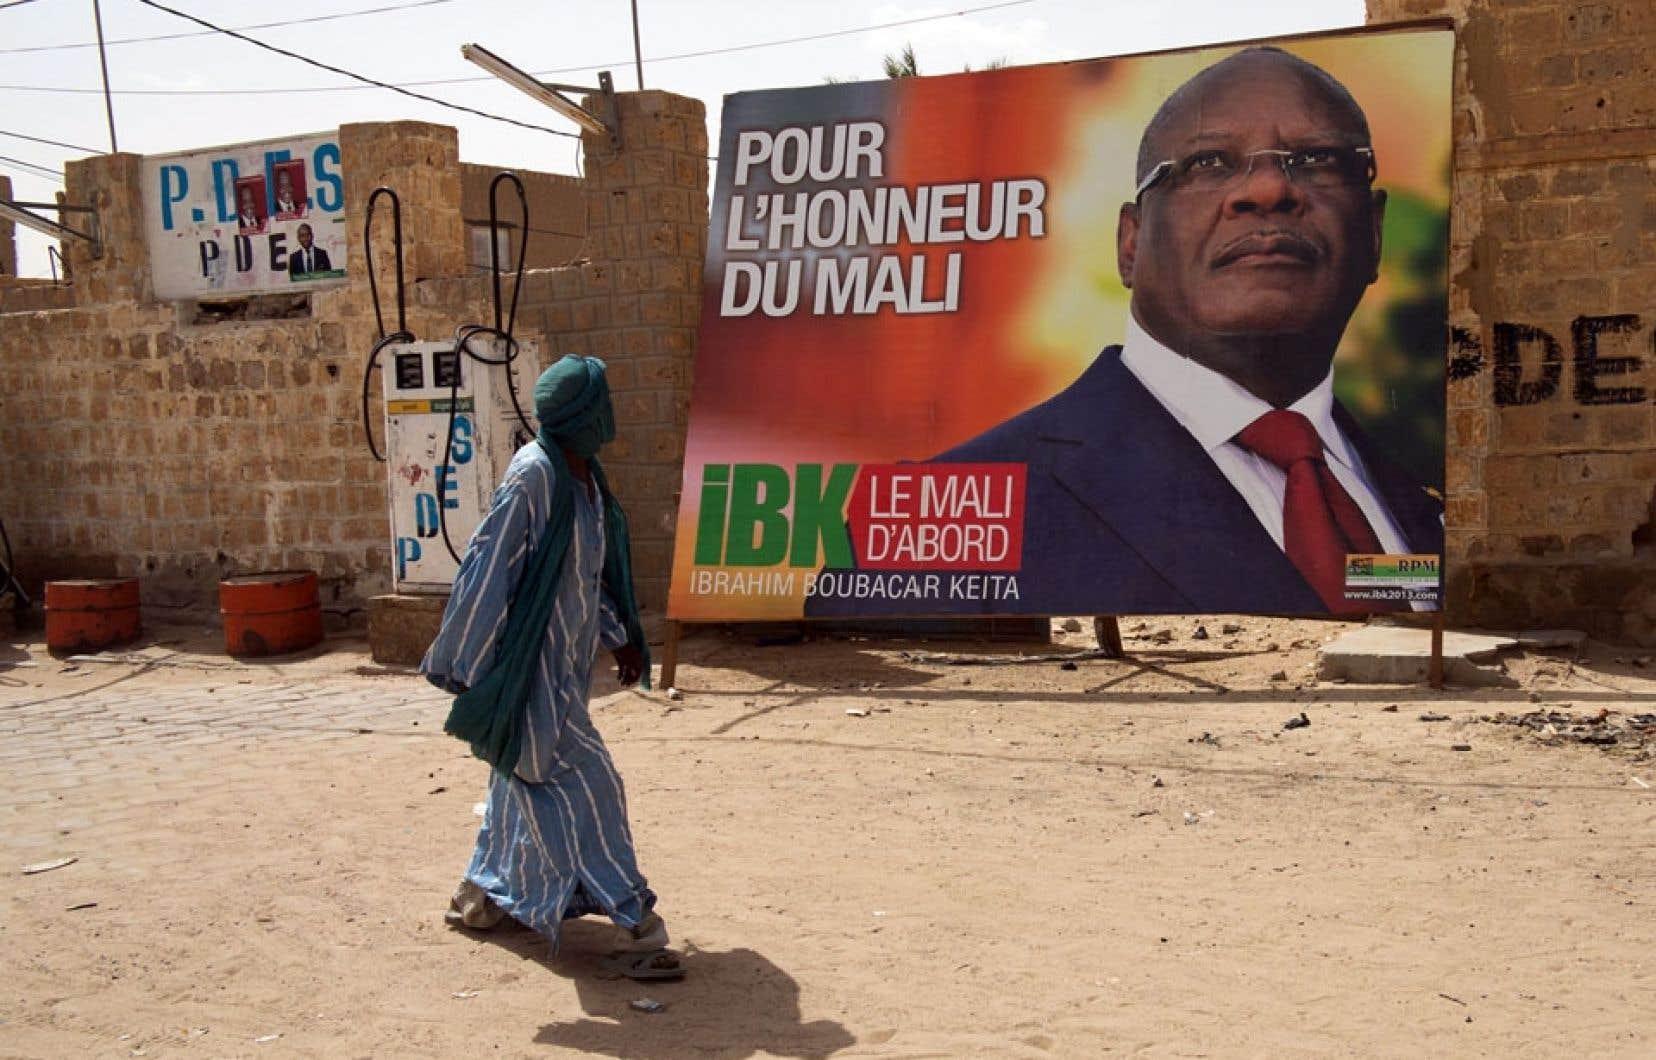 Le candidat présidentiel Ibrahim Boubacar Keïta, dit « IBK », a joué à fond la carte de l'islam.